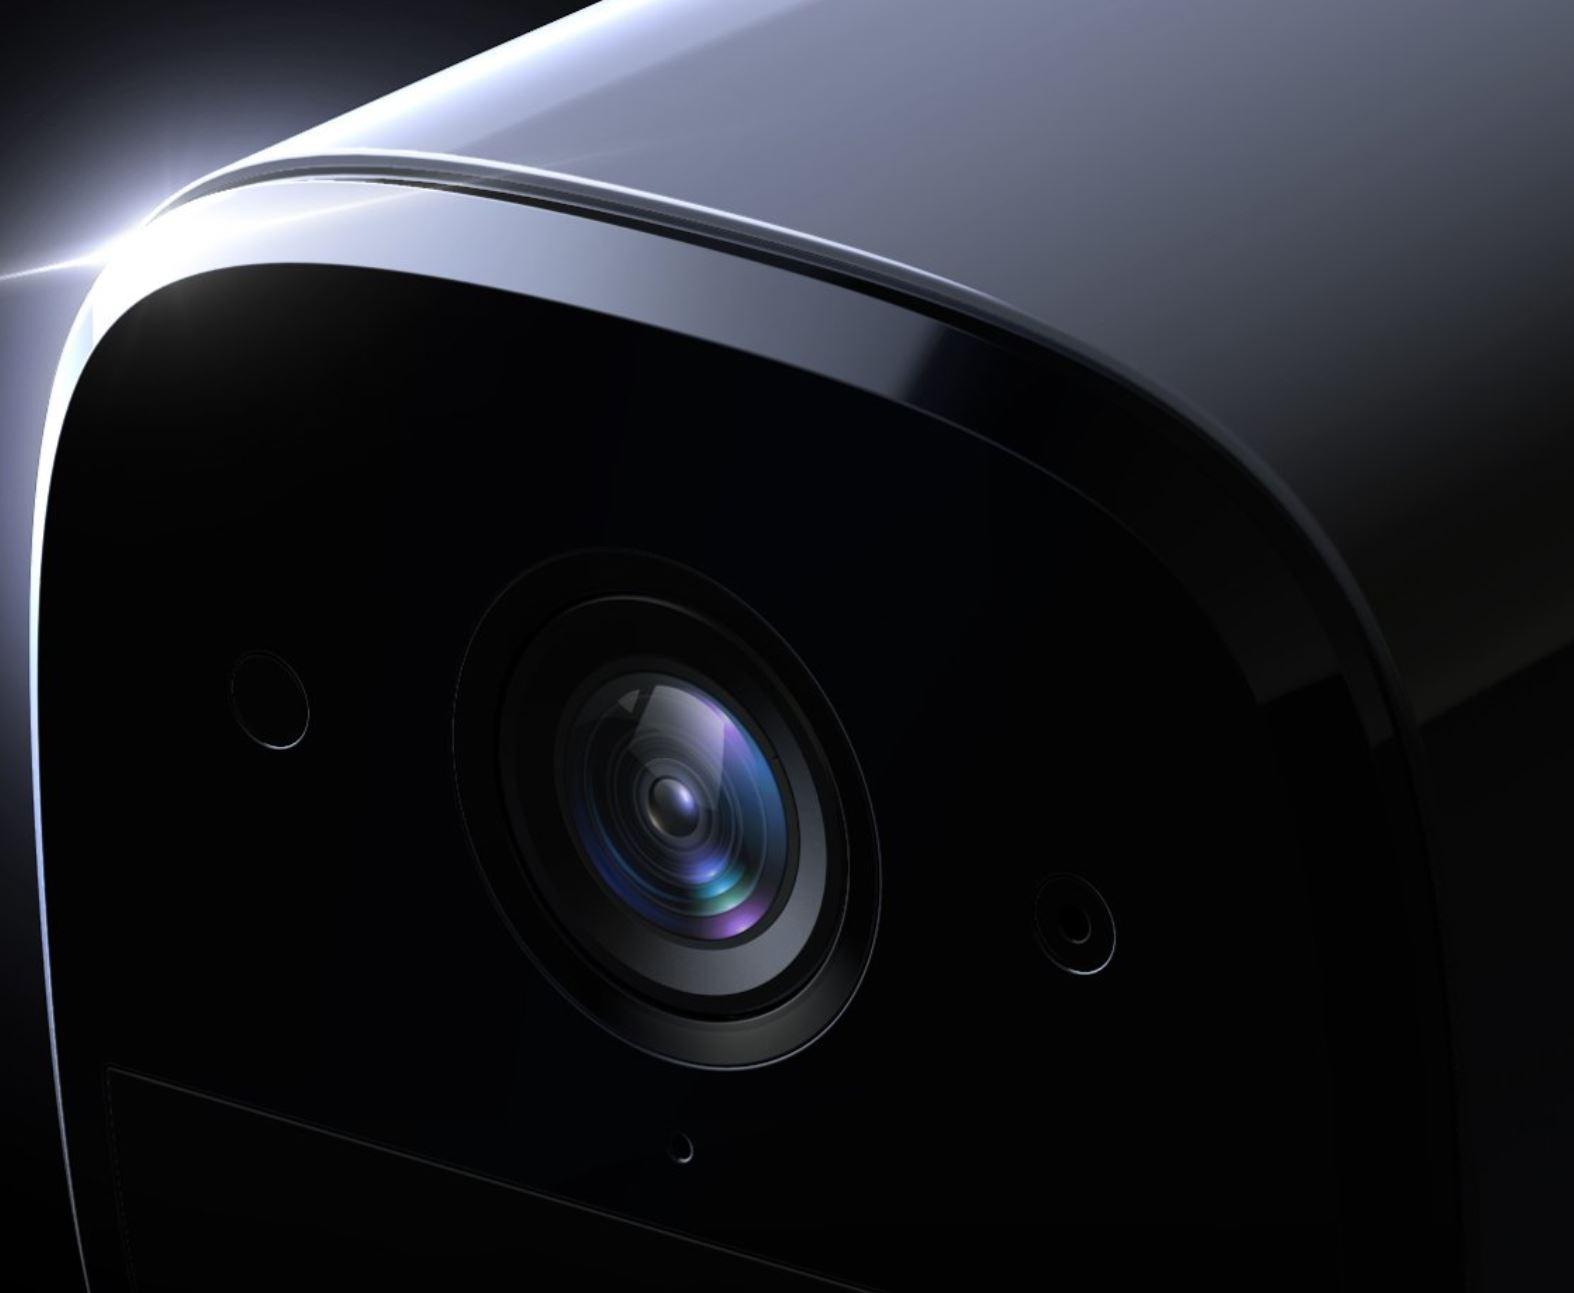 Eufy S A I Evercam System Announced News Smart Home Geeks